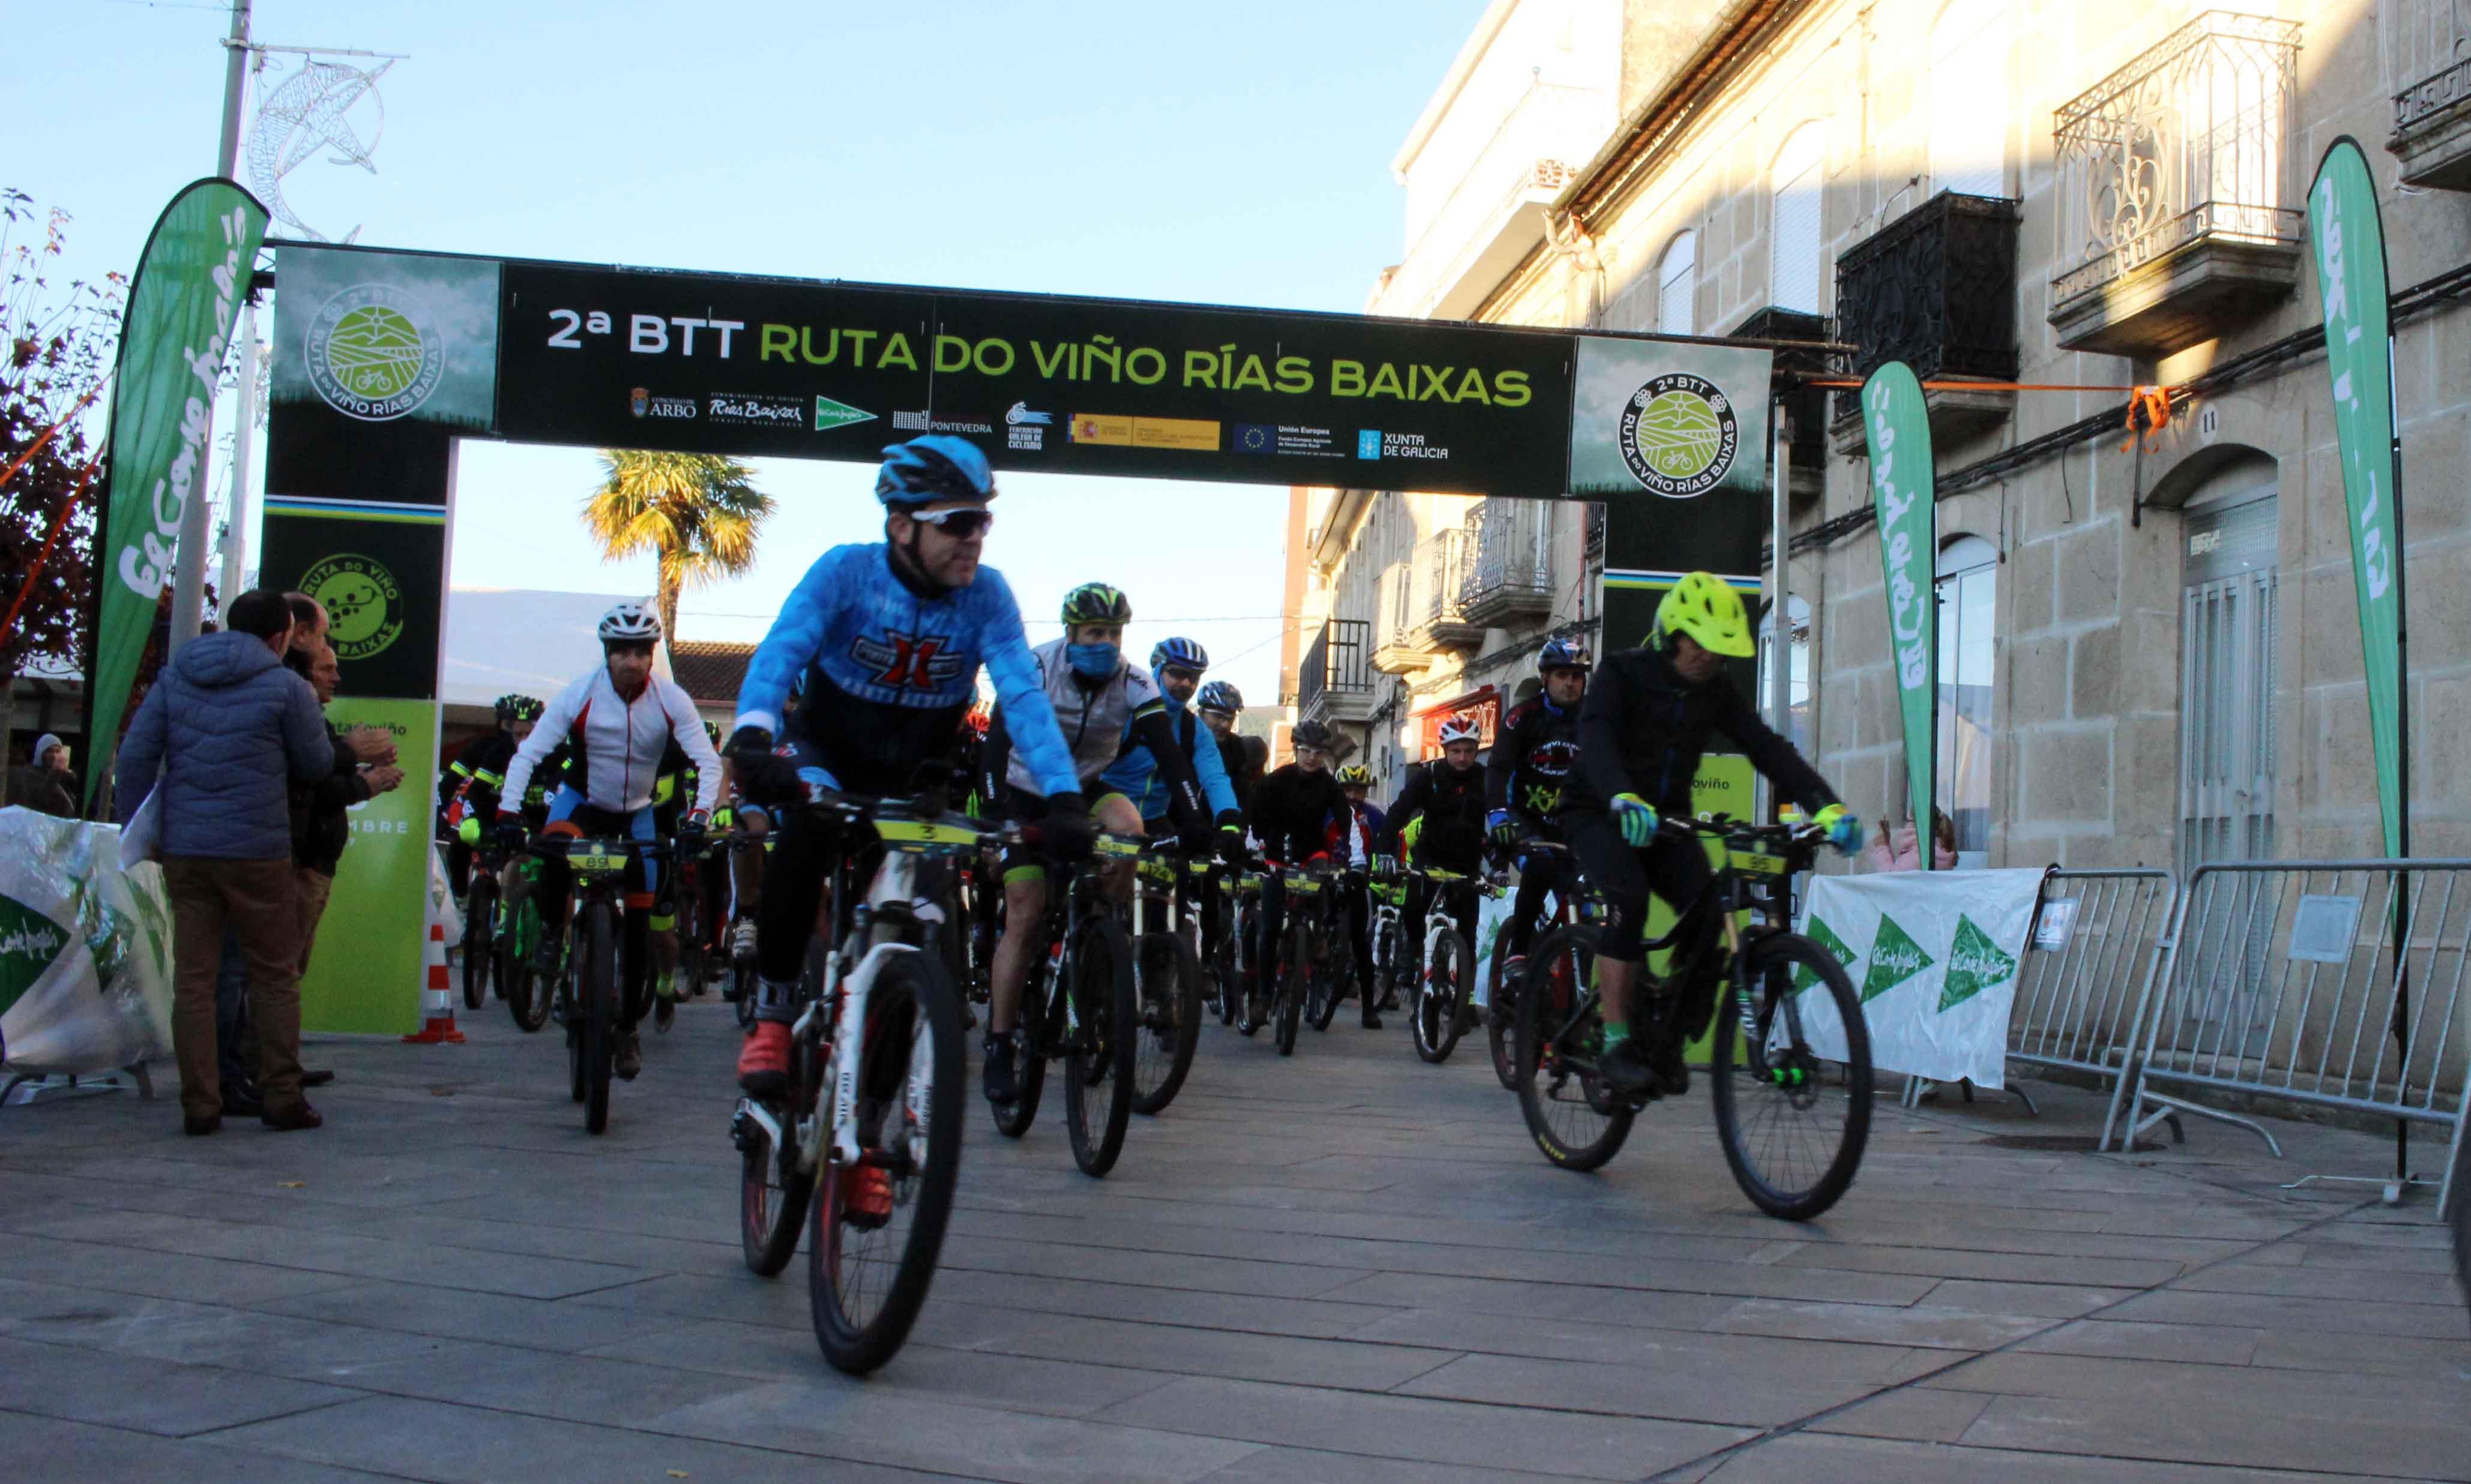 Jornada de enoturismo y deporte en Arbo con la II BTT Ruta do Viño Rías Baixas